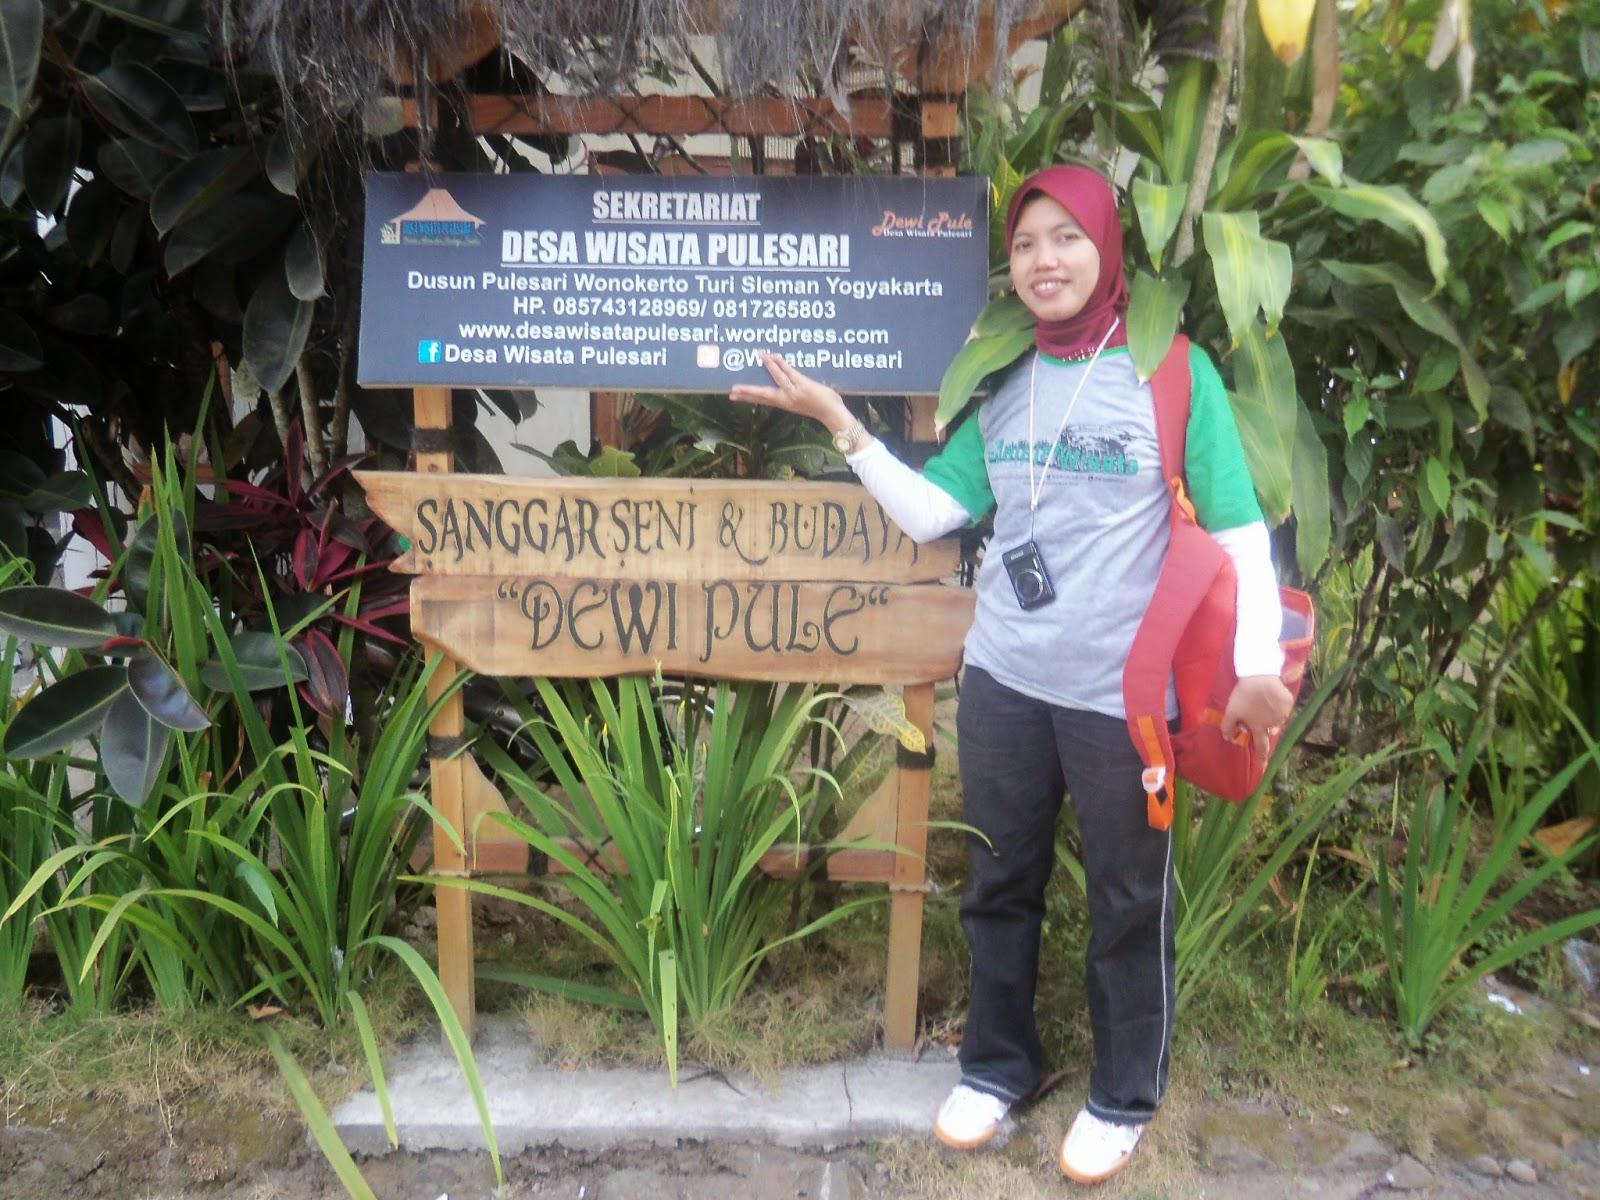 Dewi Pulesari Nan Menantang